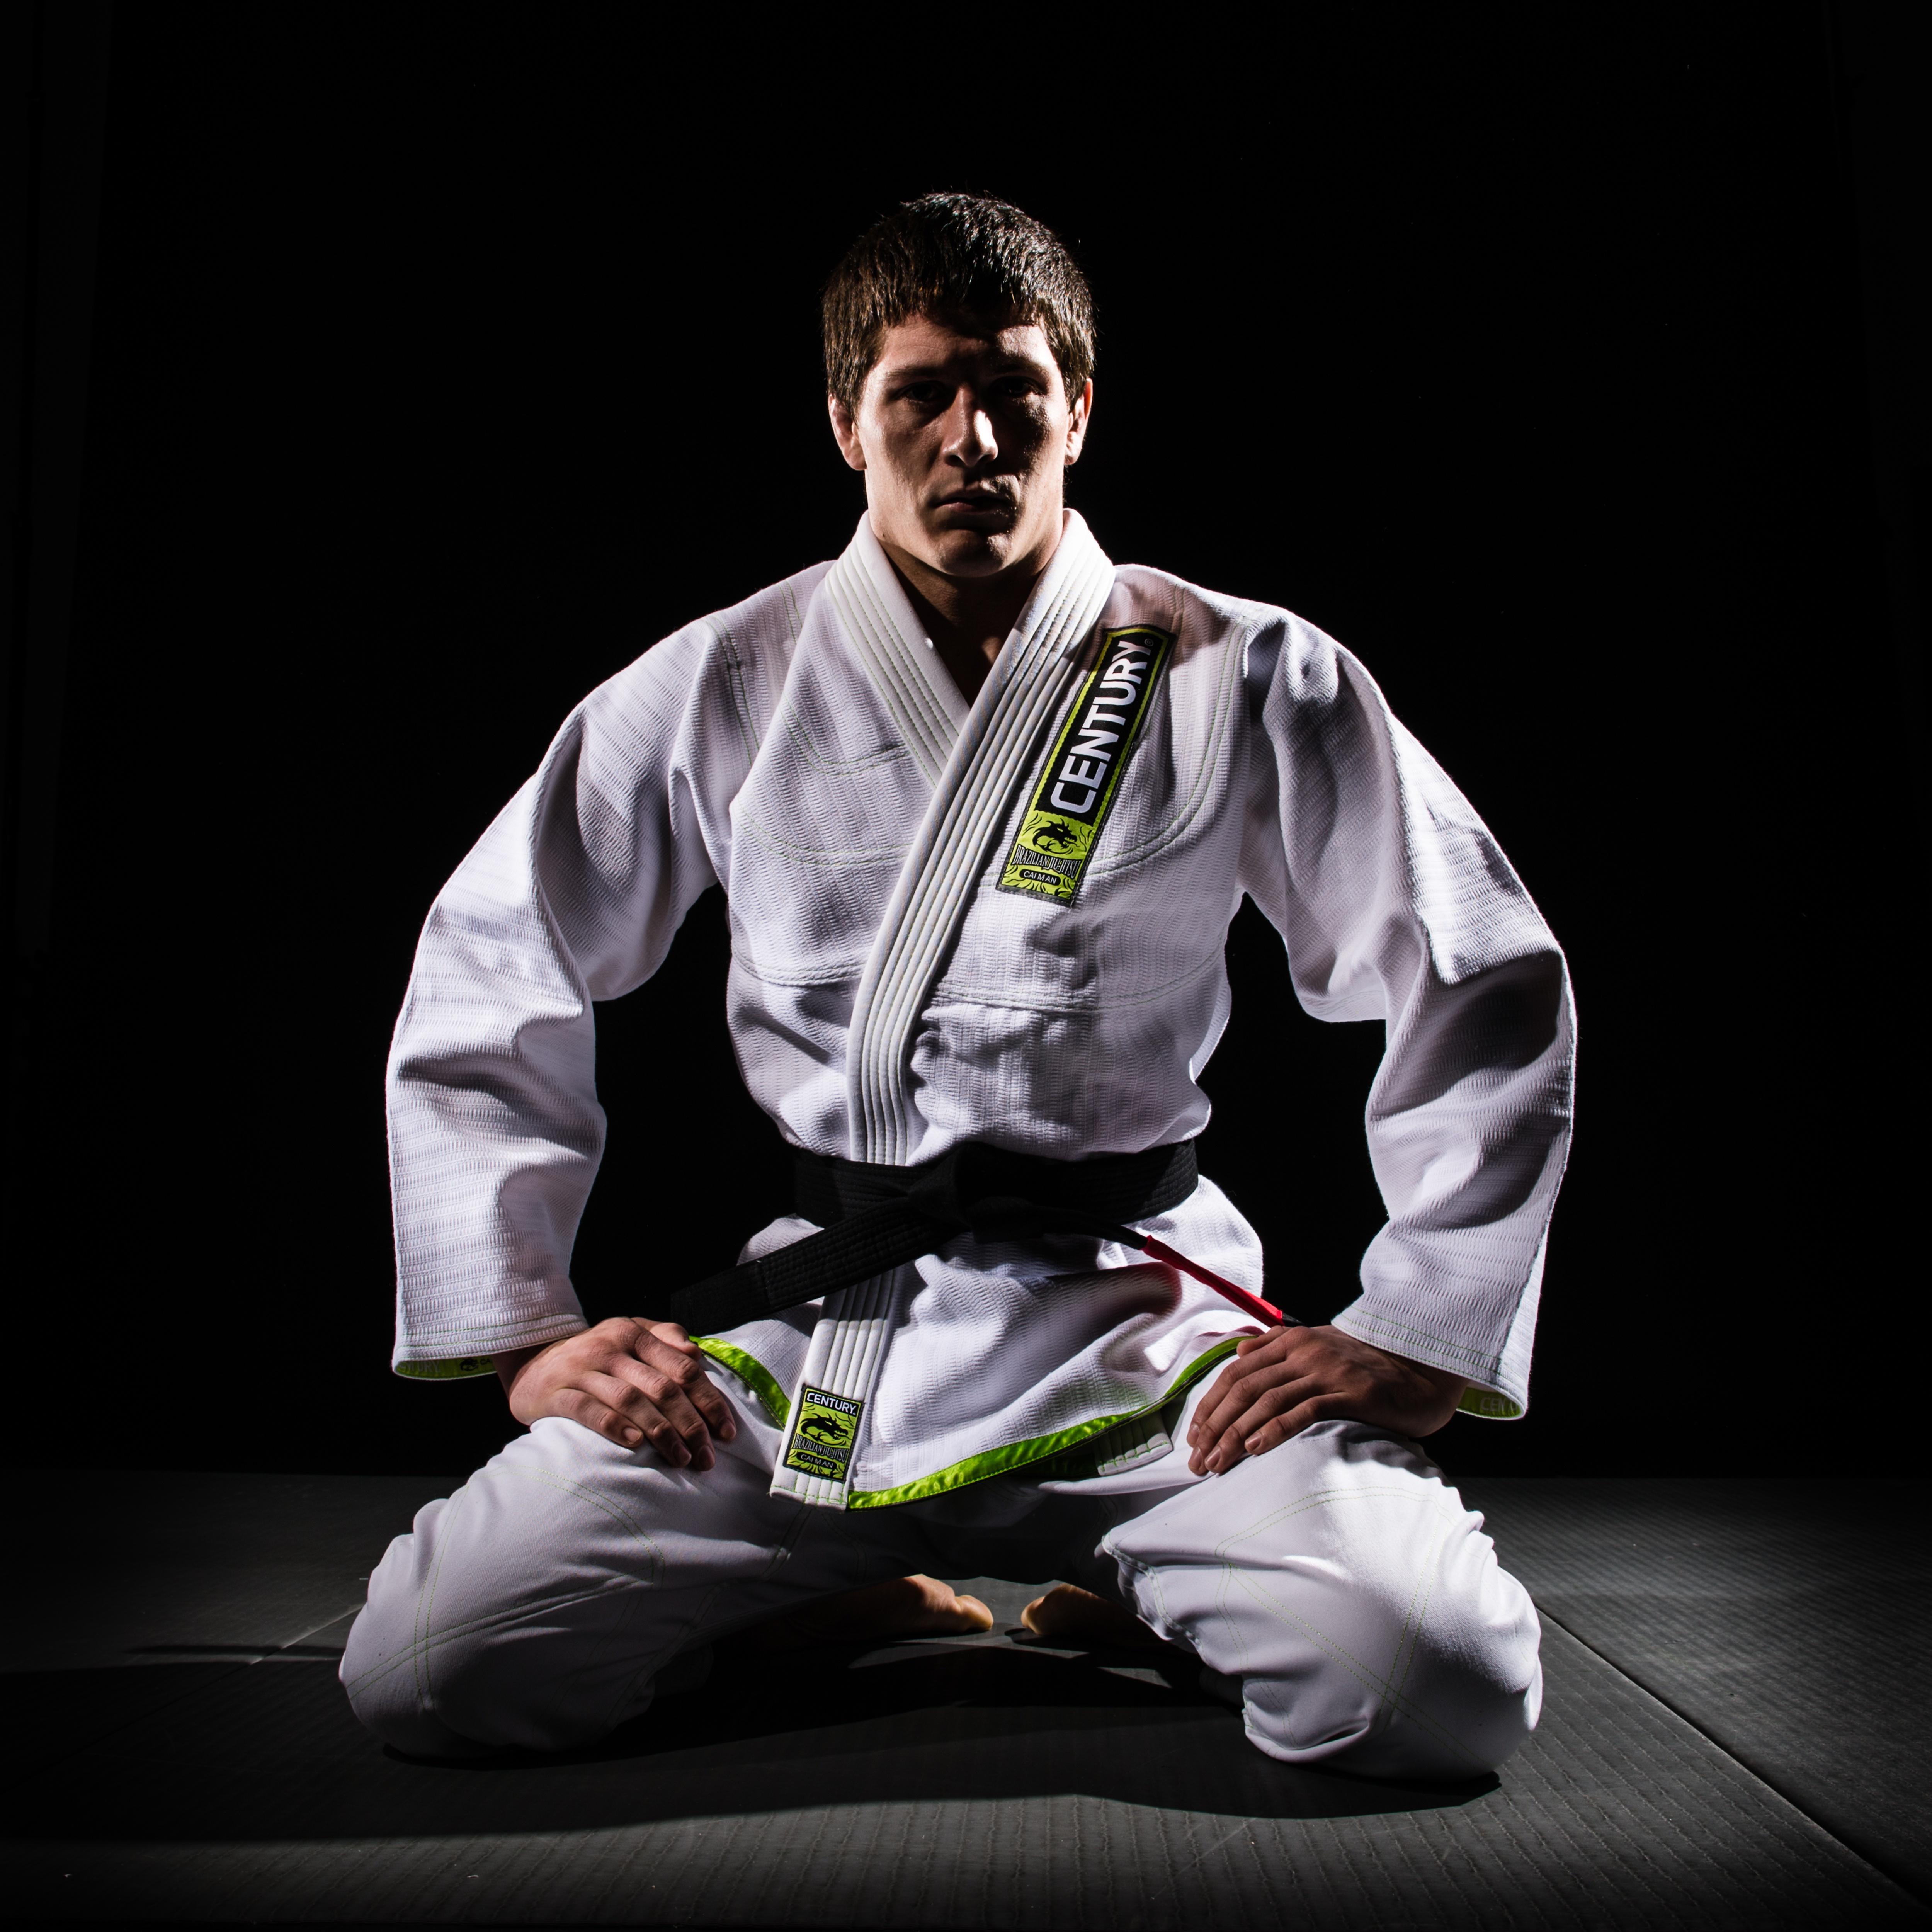 A Brazilian jiu-jitsu practitioner in a gi.